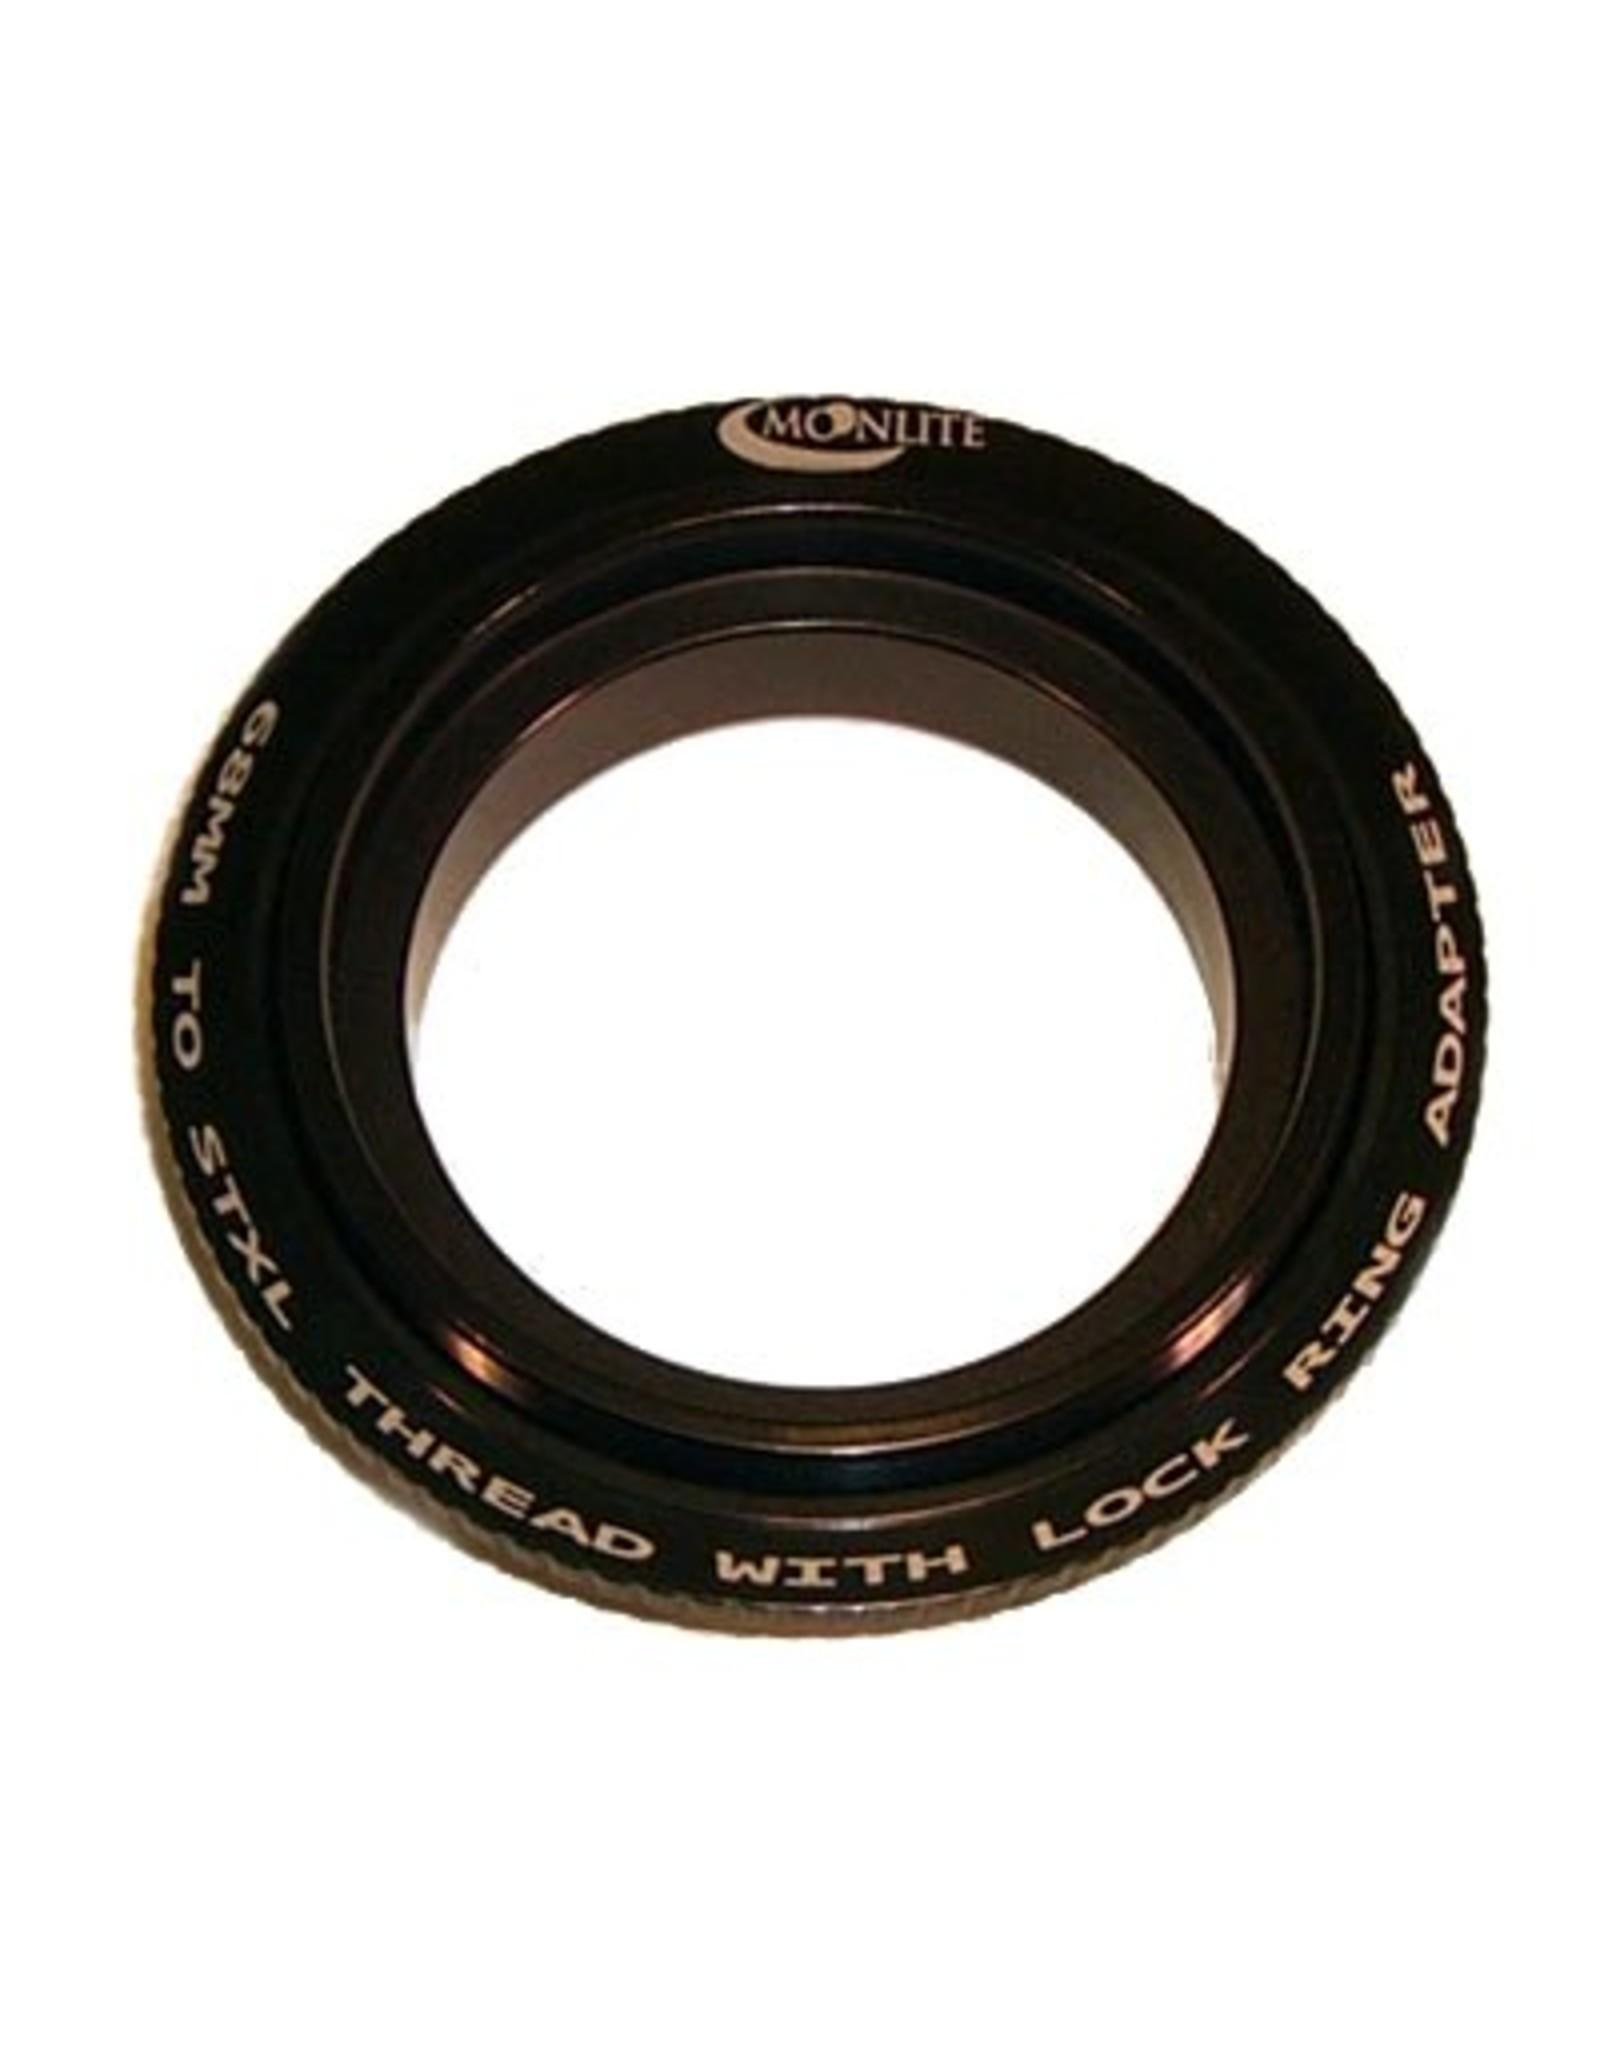 Moonlite MoonLite 2 1/2 inch 68mm thread to STXL camera thread with Lock Ring Adapter (Model 68mmto-STXL-thread-LR-Adapter)